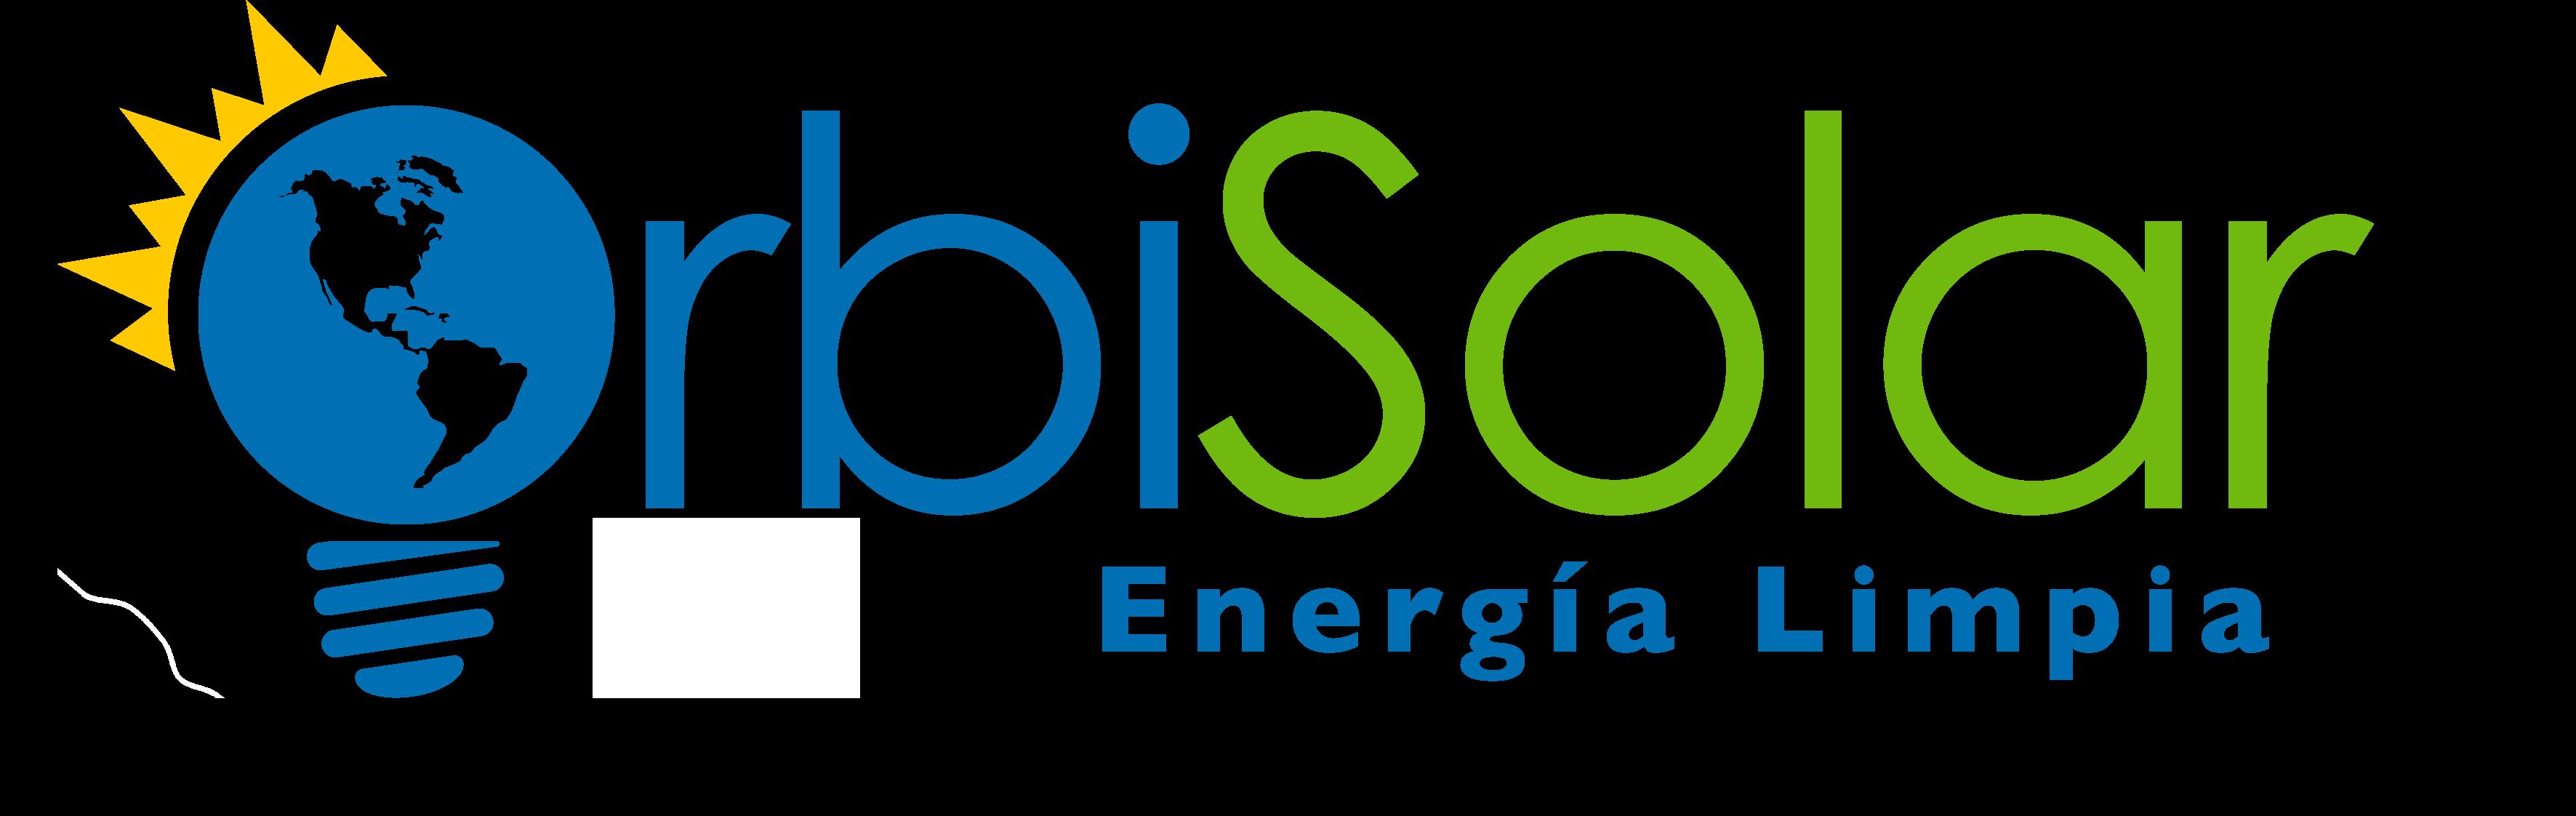 Orbisolar – Energía Limpia, Natural e Infinita